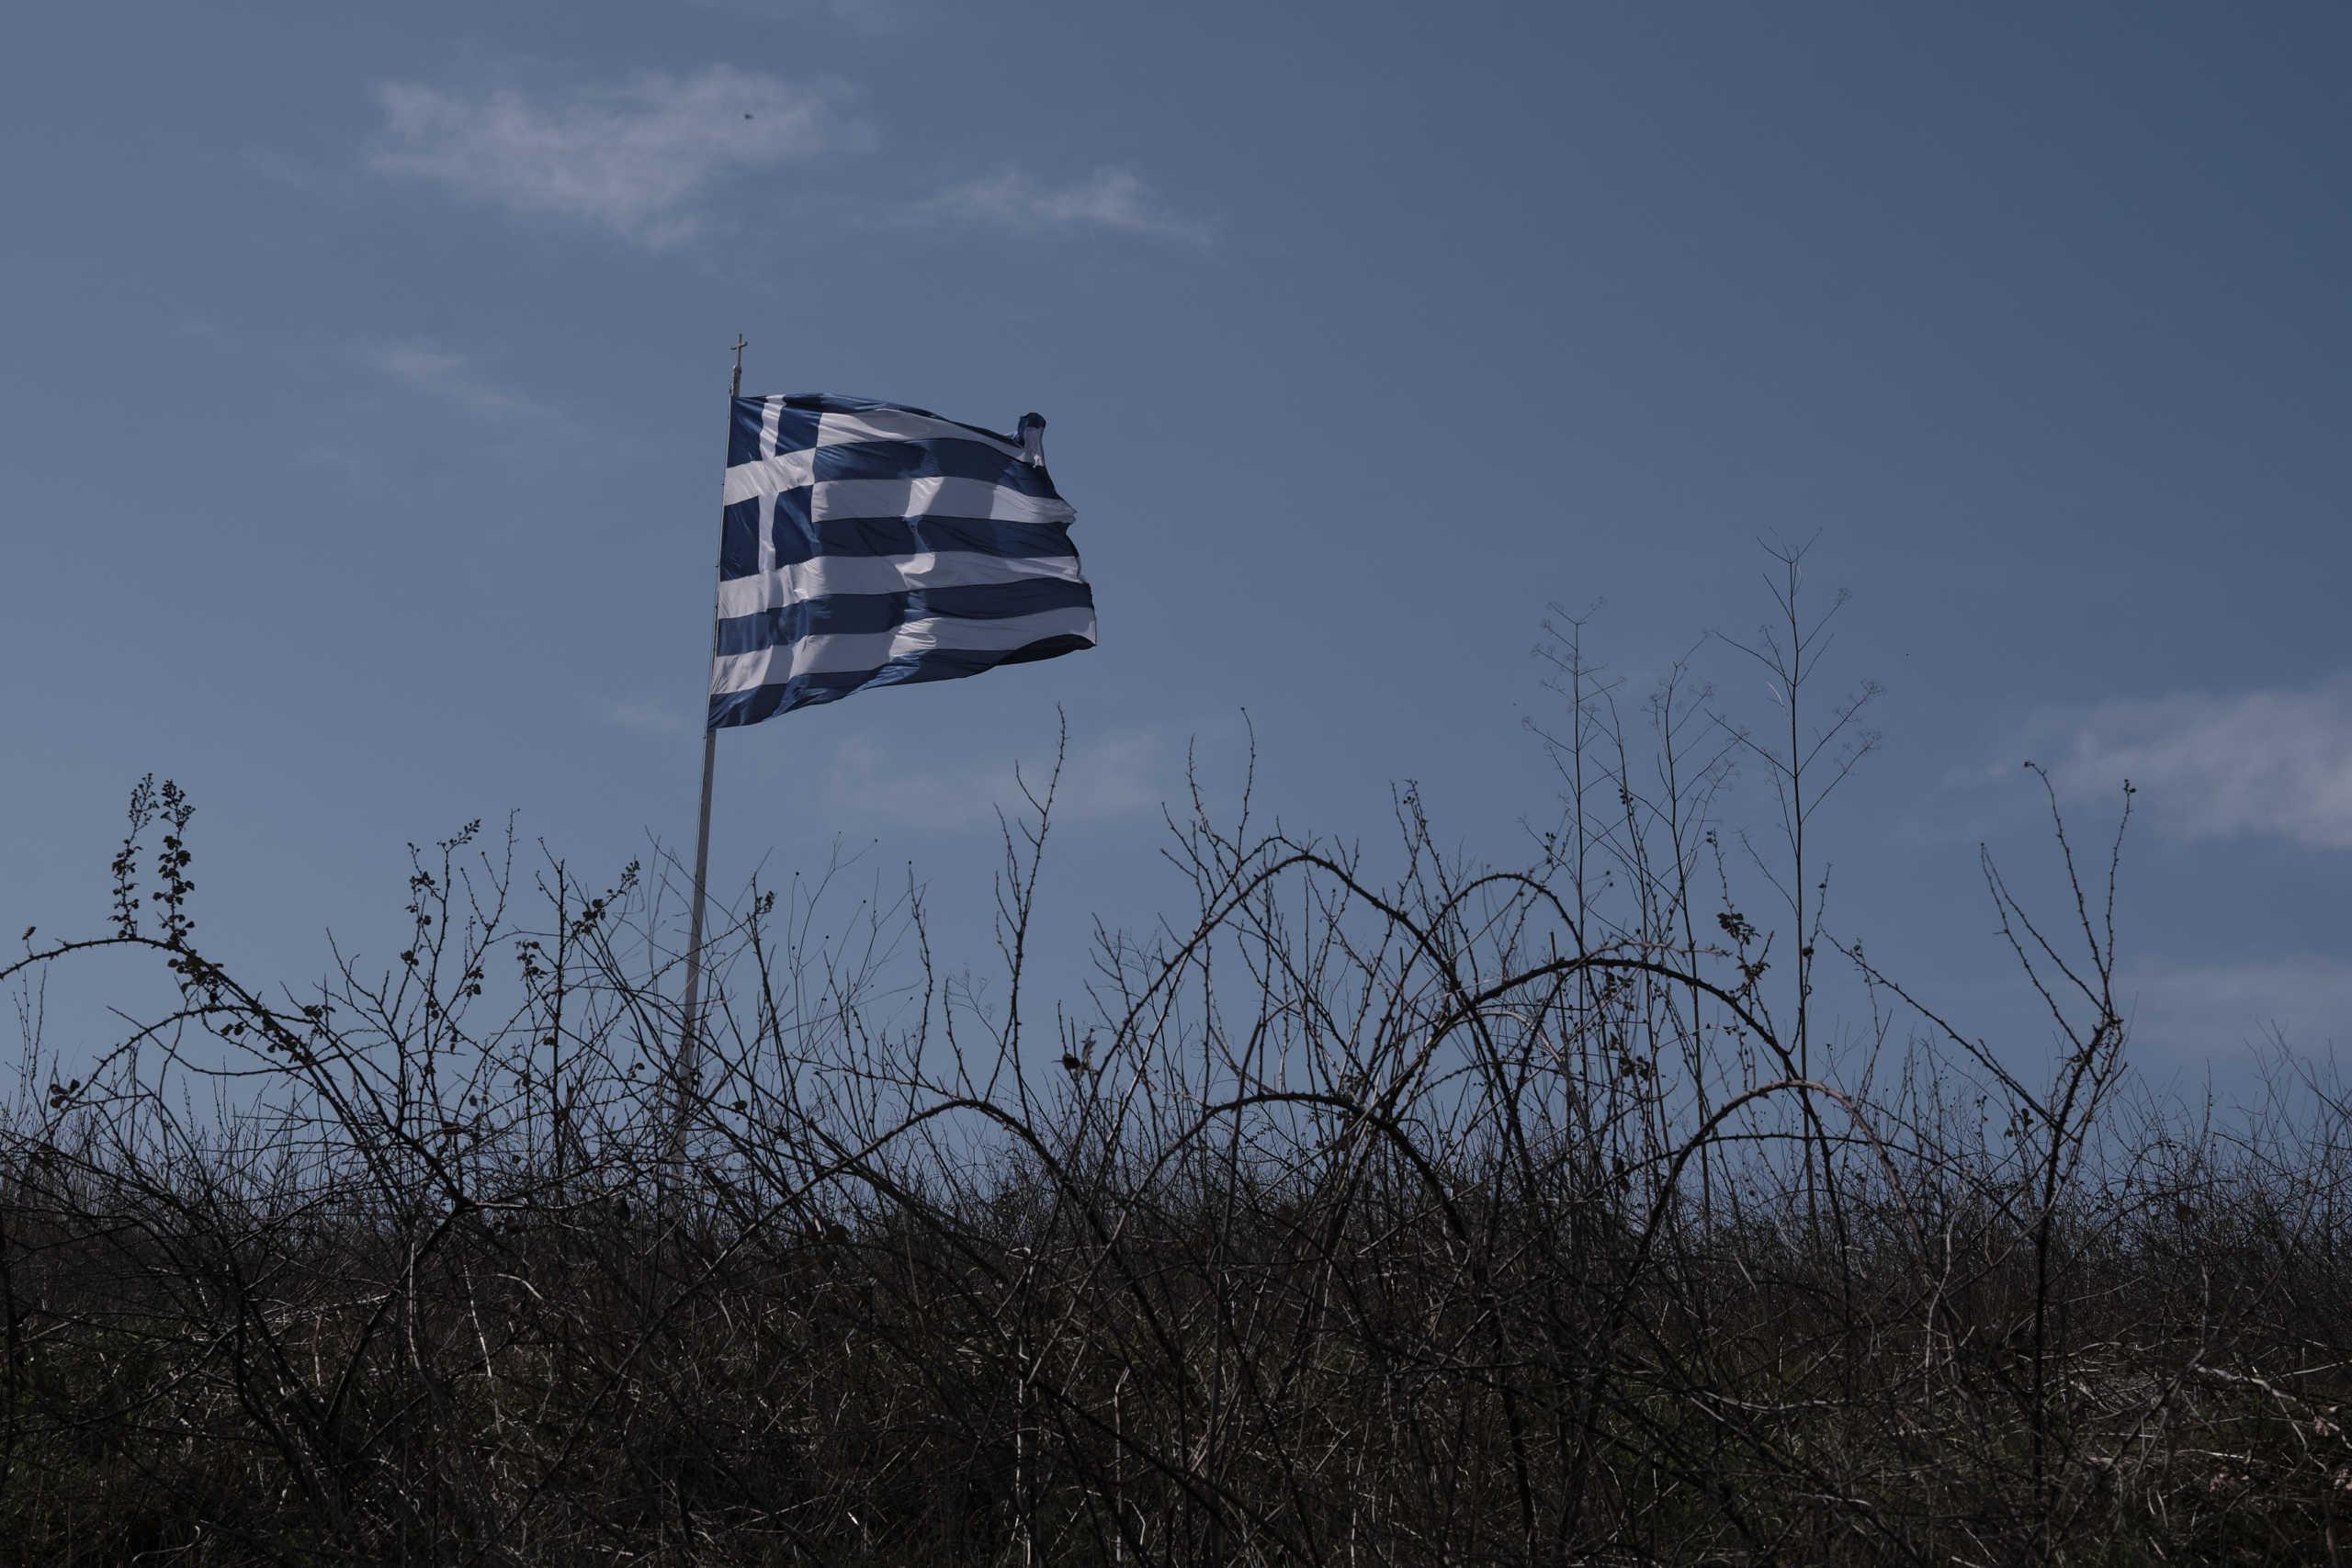 25η Μαρτίου: Τιμές στην ελληνική σημαία στις Καστανιές του Έβρου! Το πέρασμα από F 16 (Βίντεο)